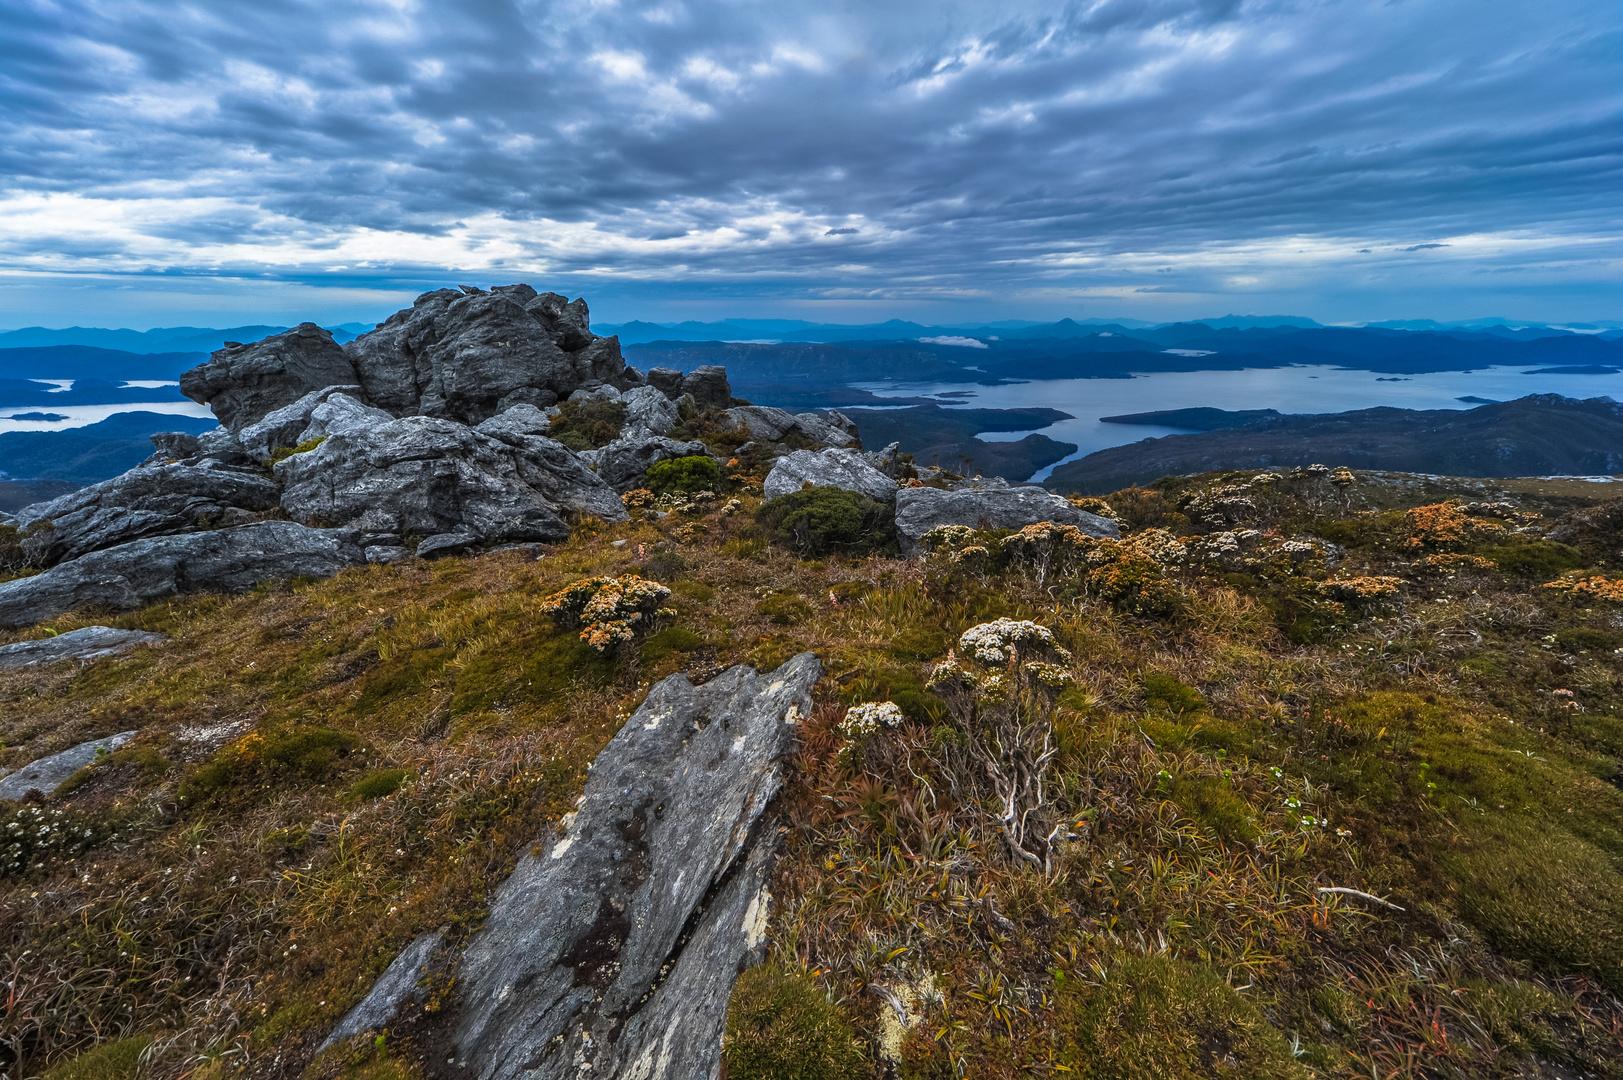 Australien, Tasmanien: Mount Sprent, am Gipfel